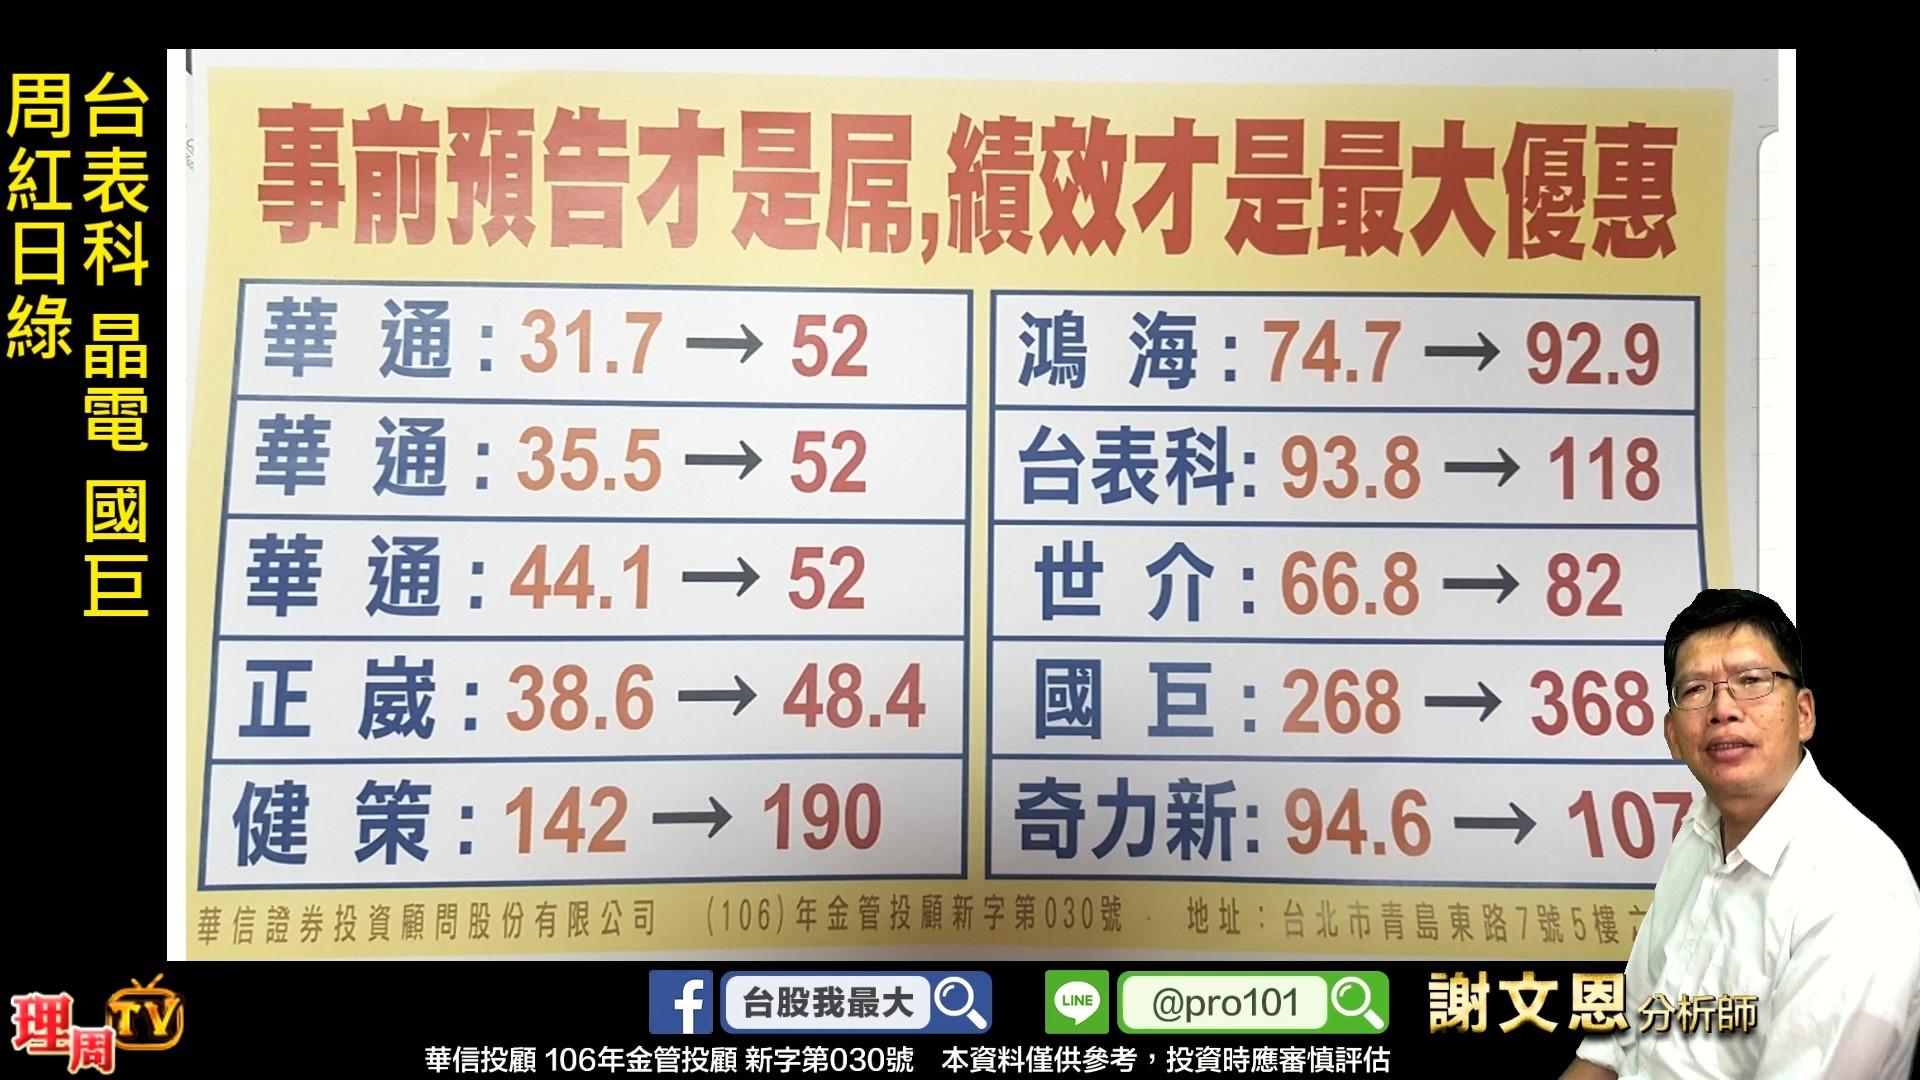 1209_台表科 晶電 國巨 周紅日綠